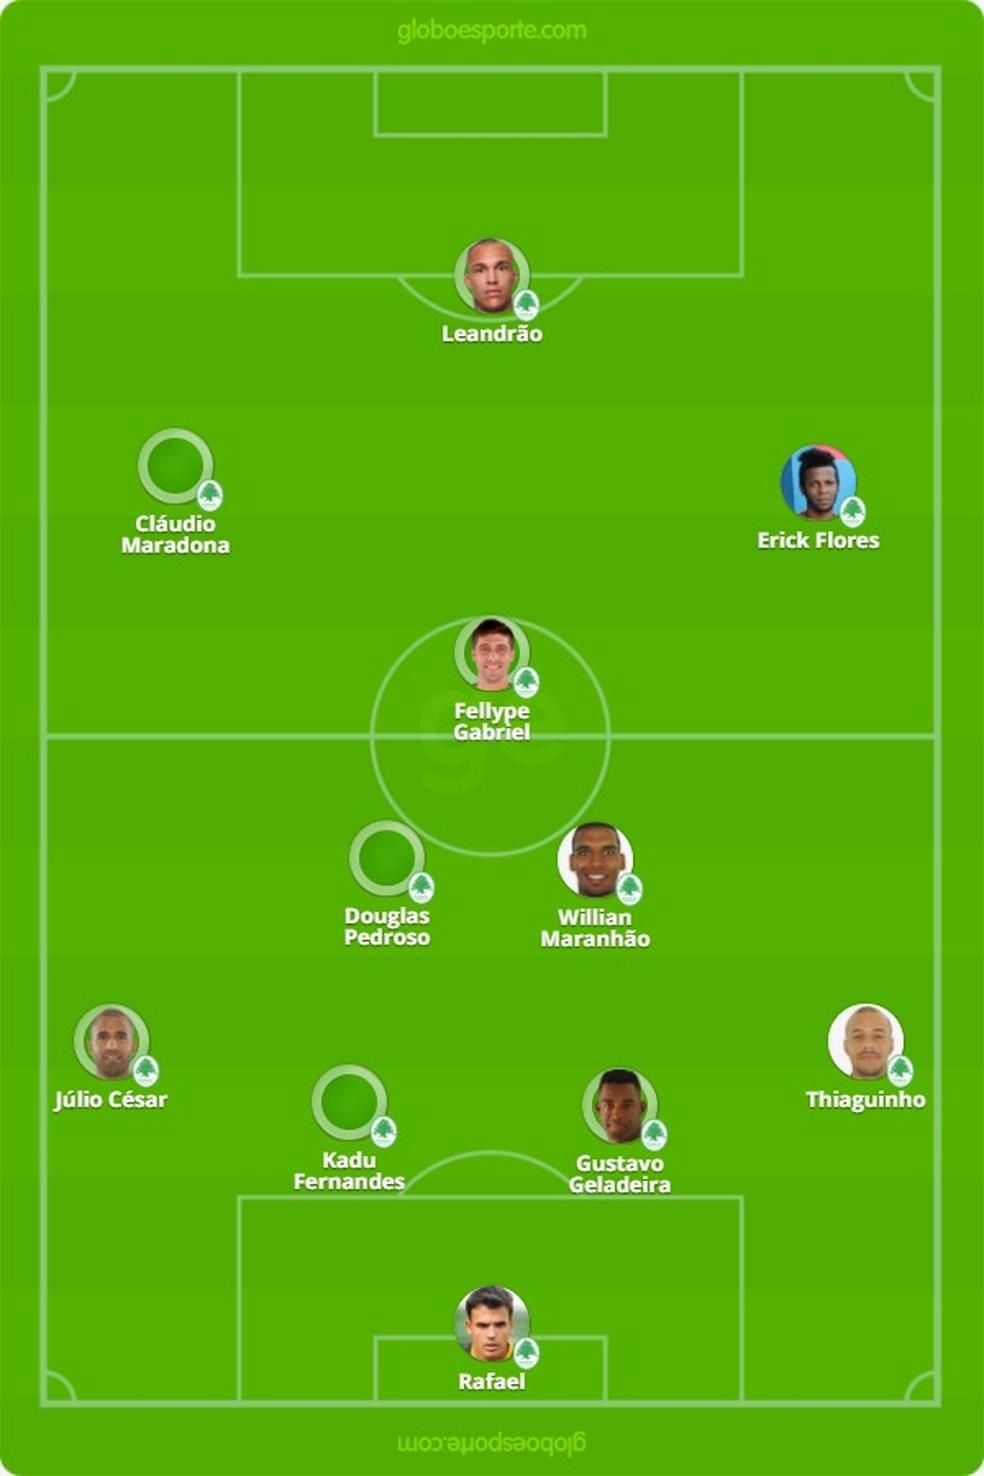 Provável escalação do Boavista para o jogo contra o Flamengo (Foto: GloboEsporte.com)